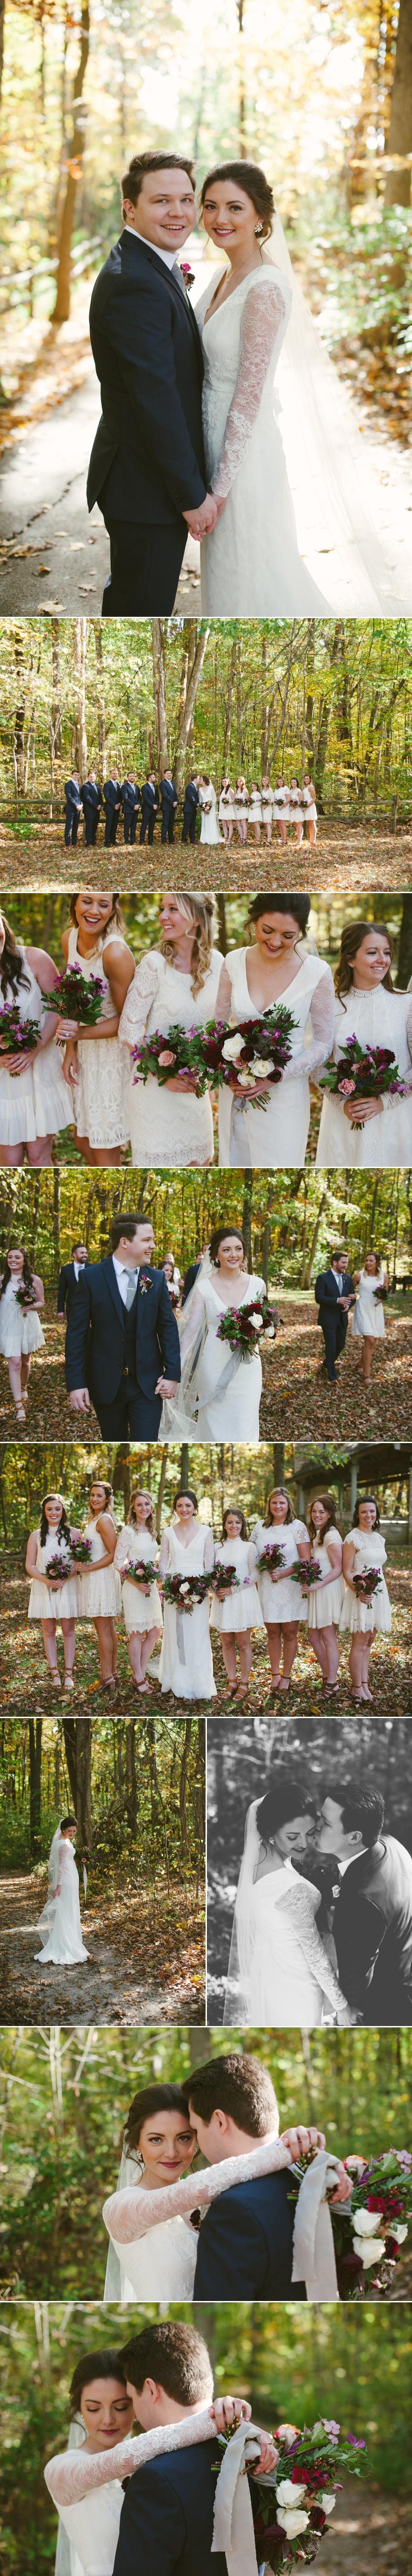 Laura and Matt Married 6